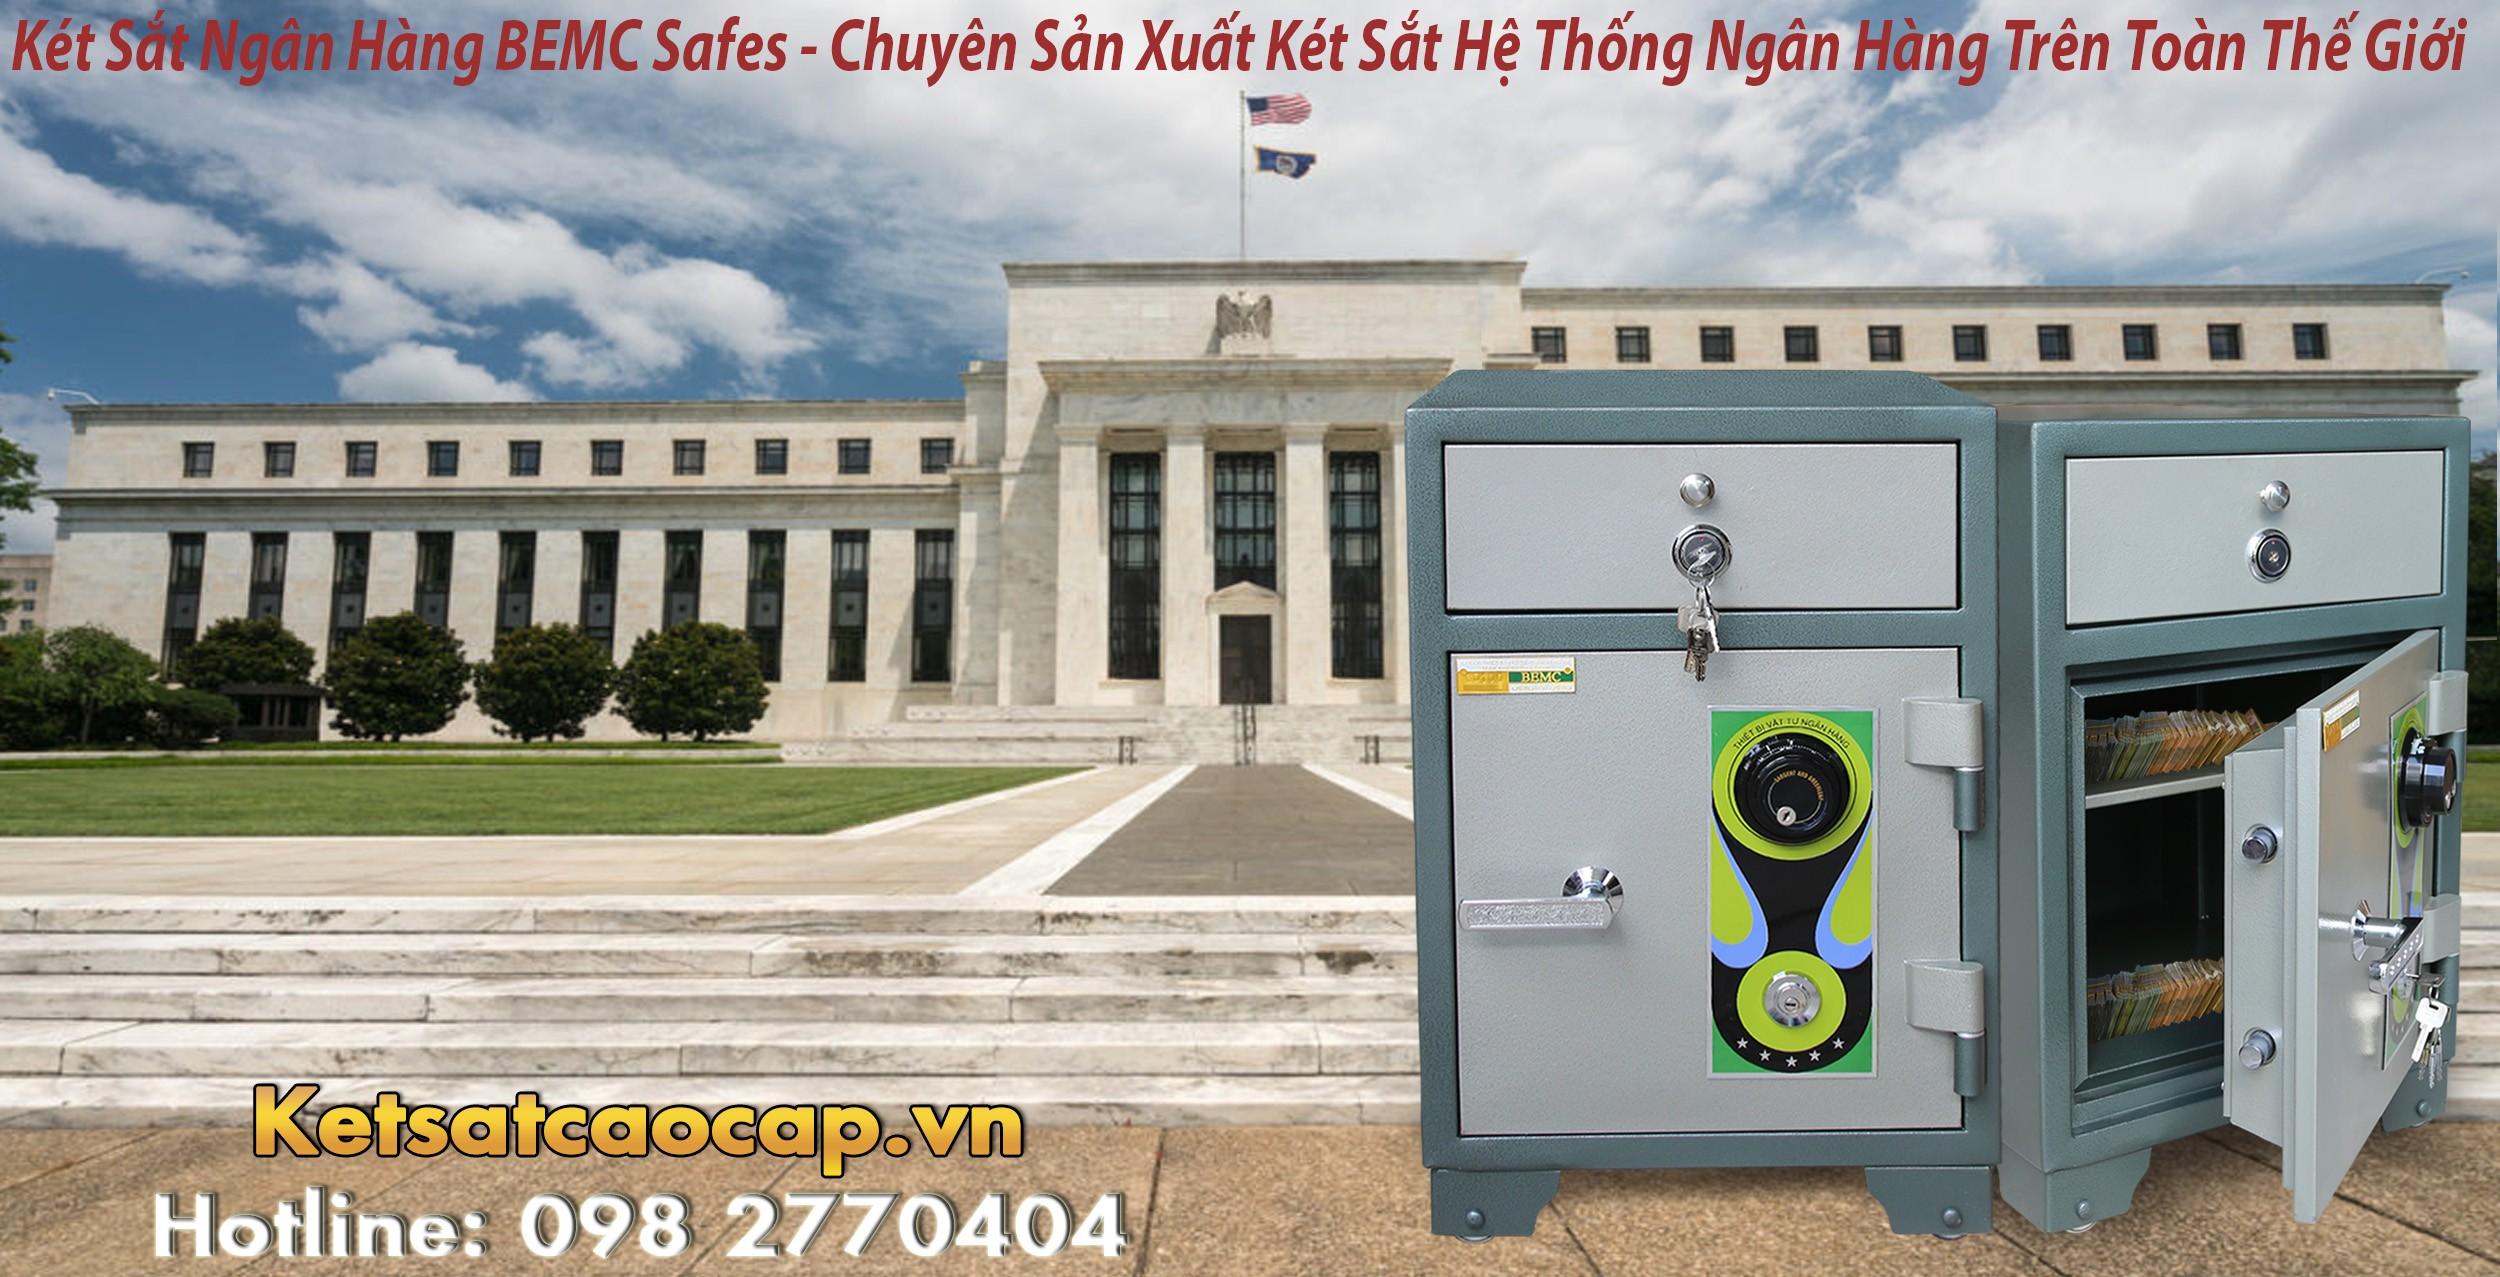 hình ảnh sản phẩm két sắt mini giá bao nhiêu